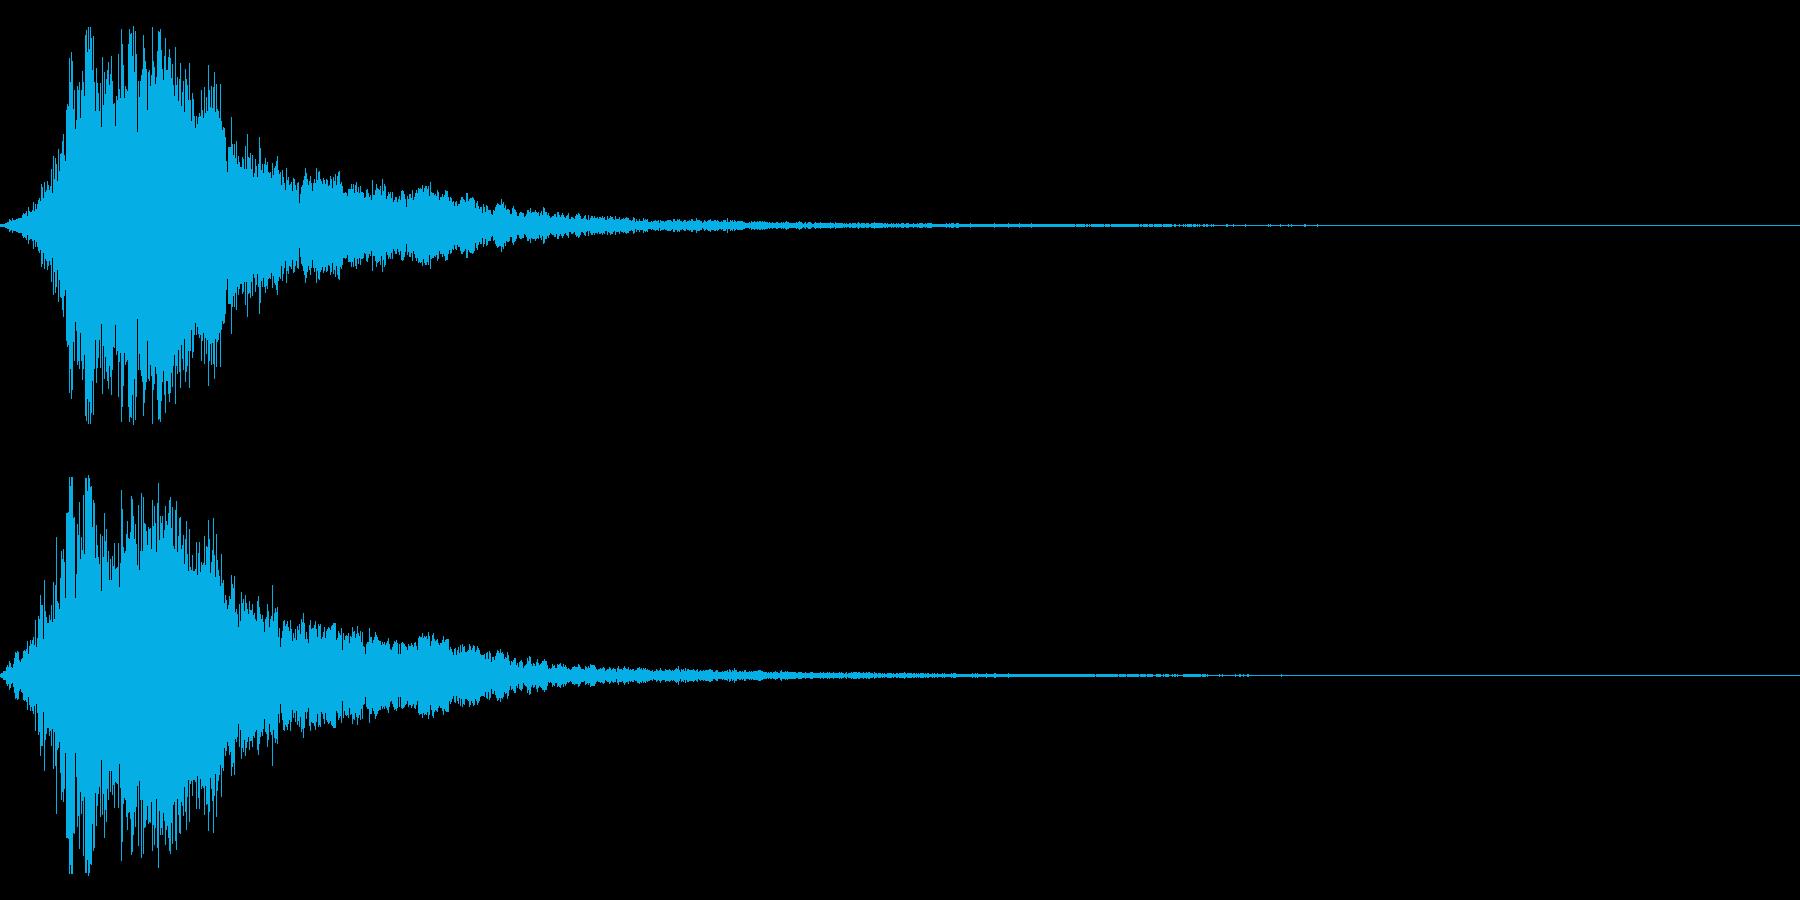 シャキーン!勢いのあるインパクト音03bの再生済みの波形